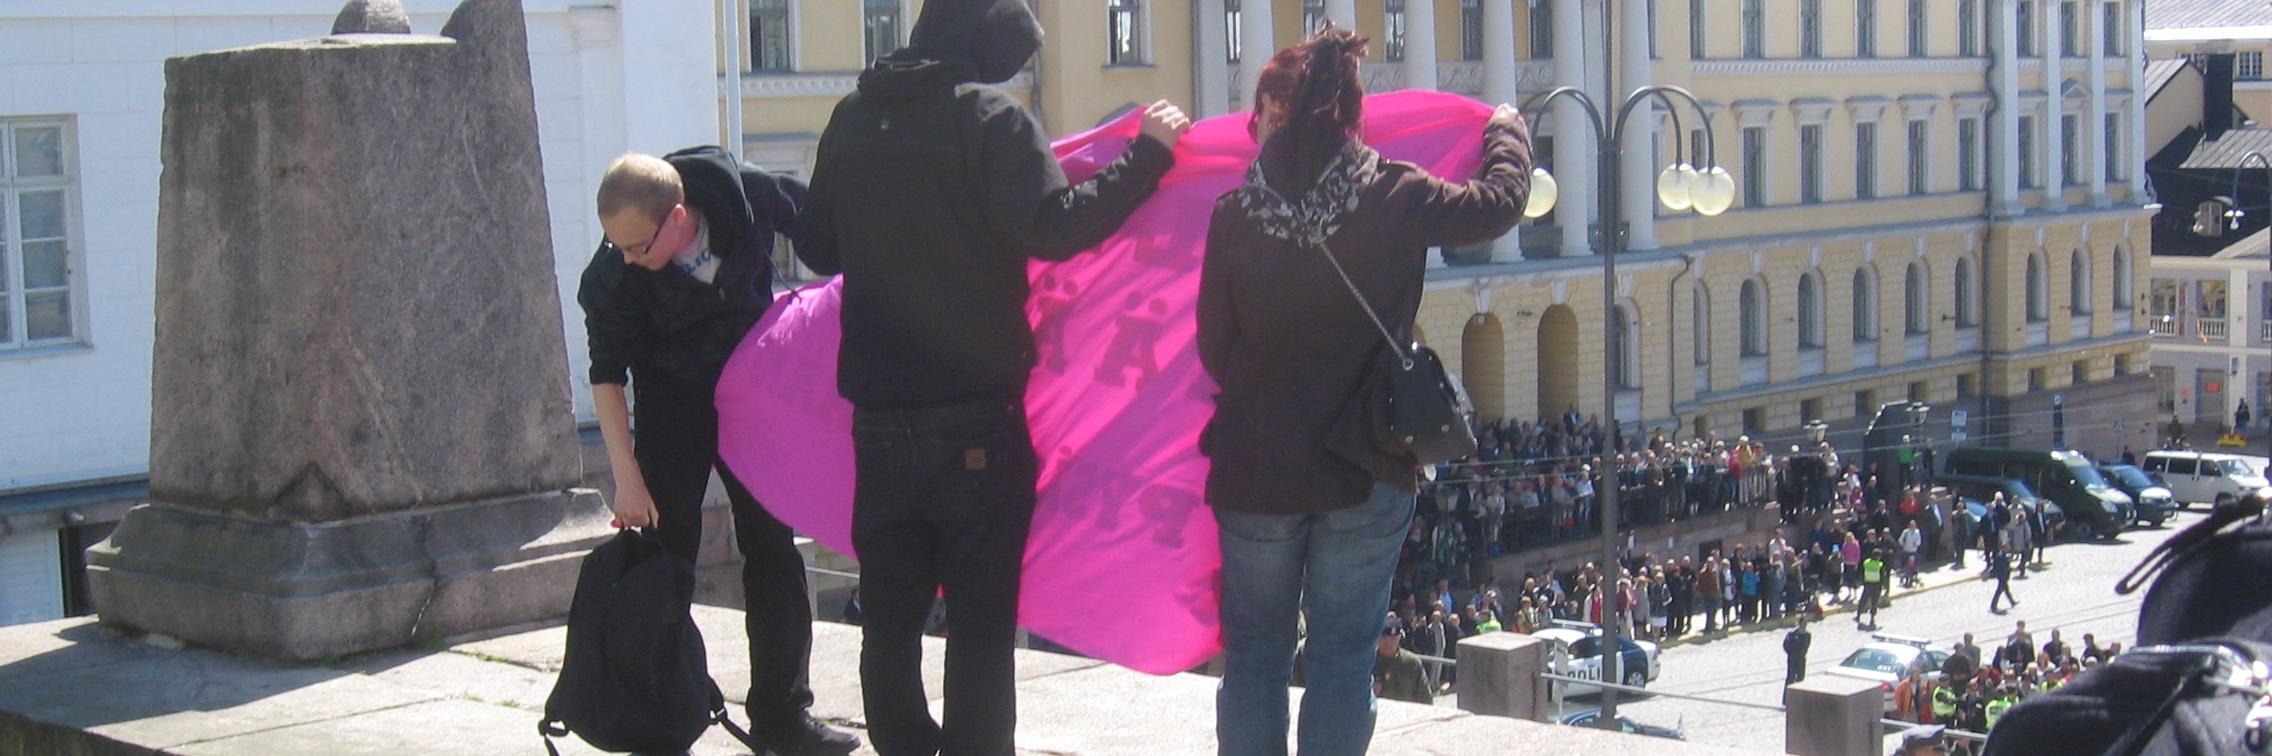 Muurinmurtajien banderolli tuomiokirkon portailla.